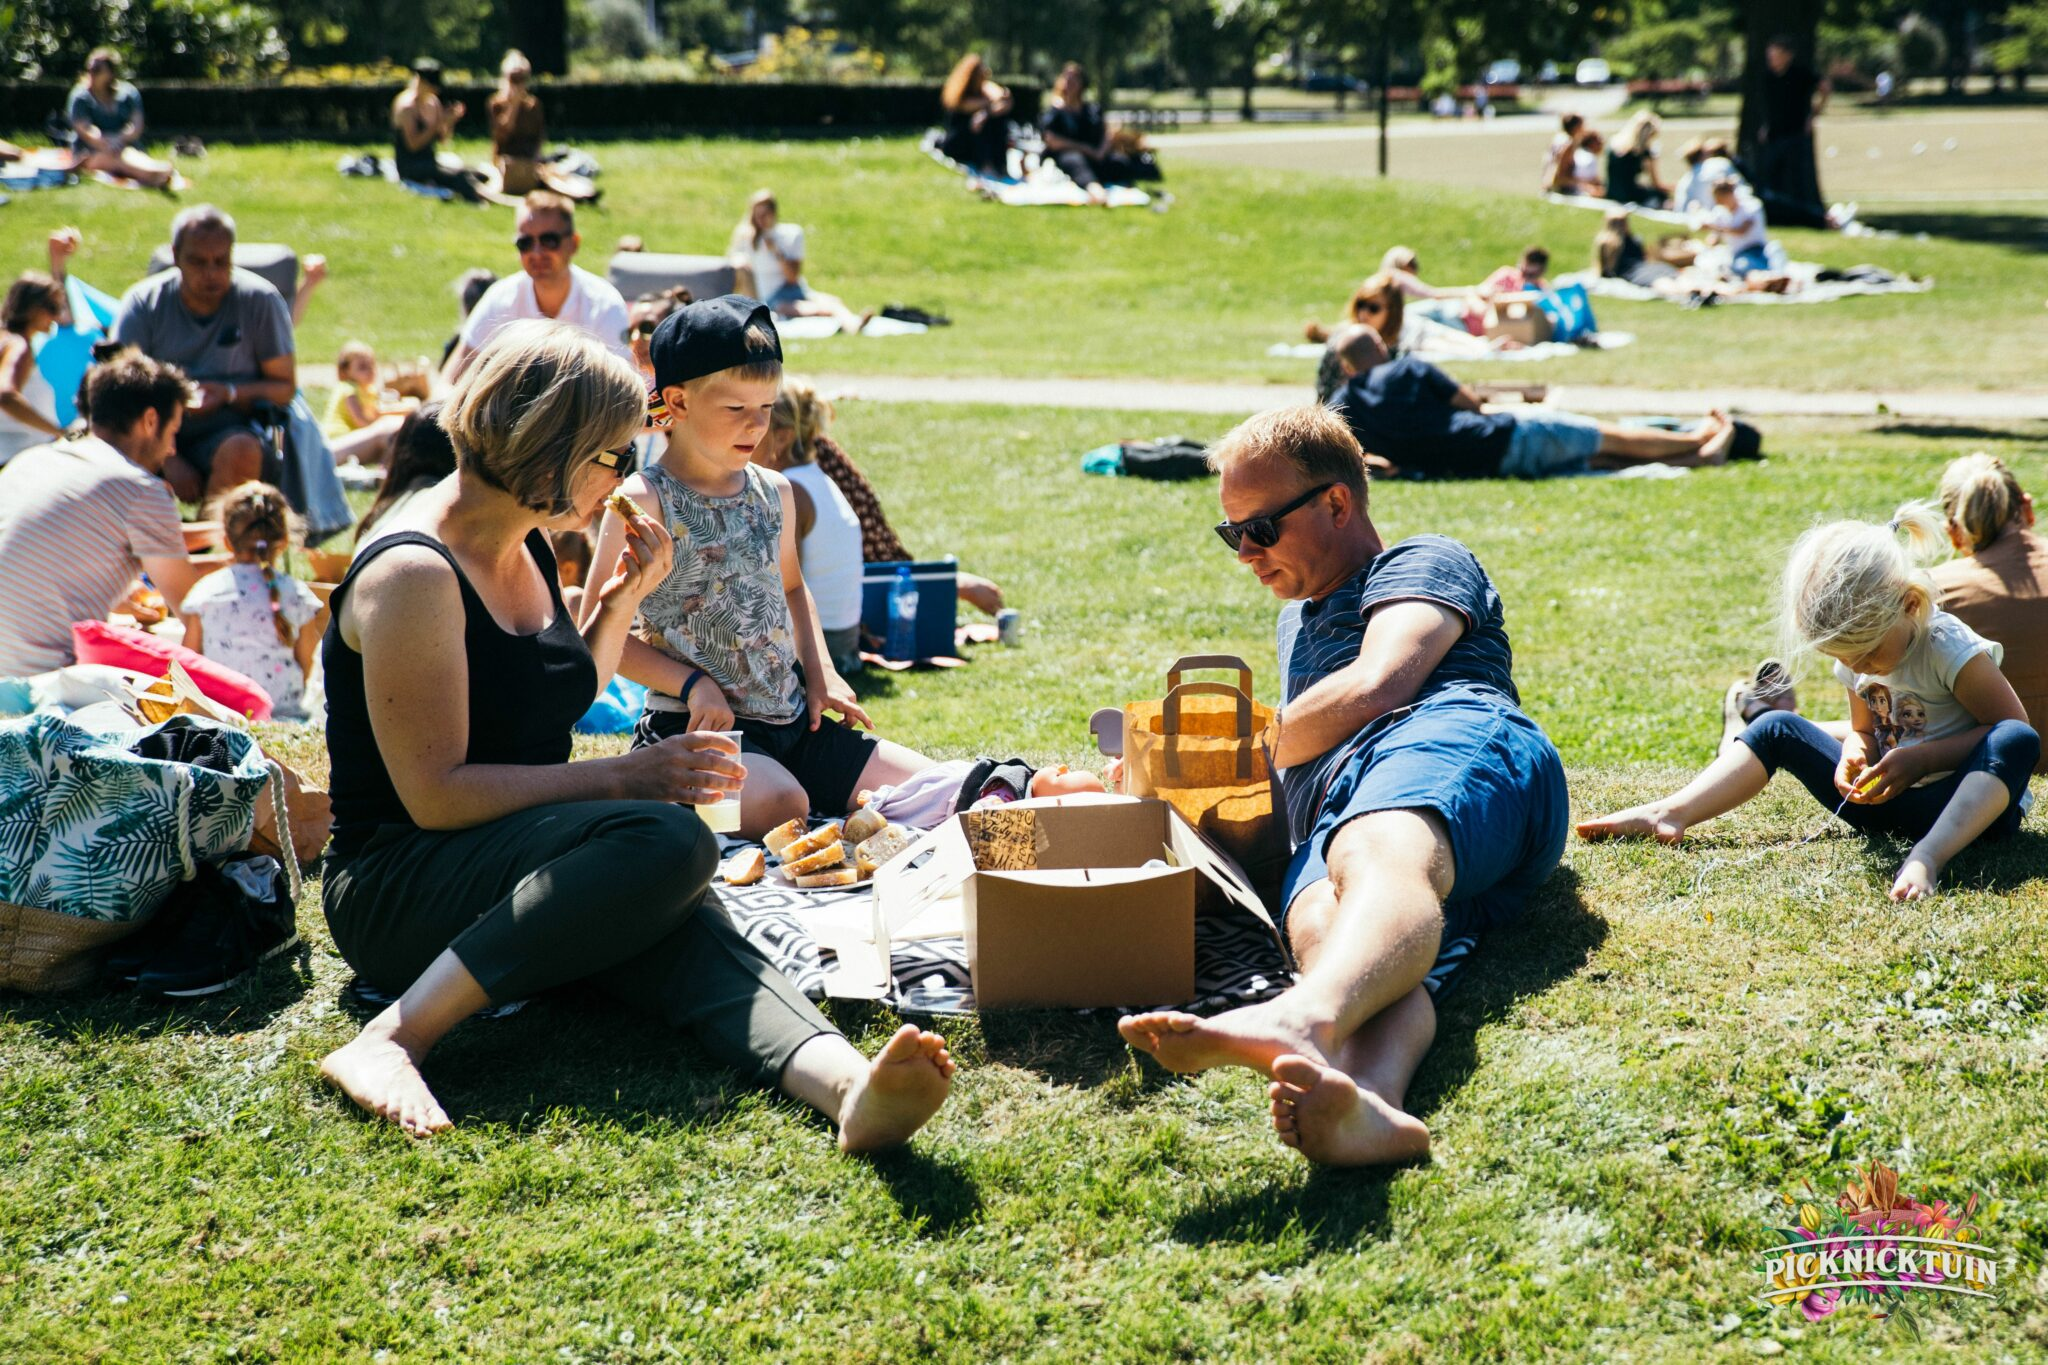 picknicktuin-zwolle-weekend